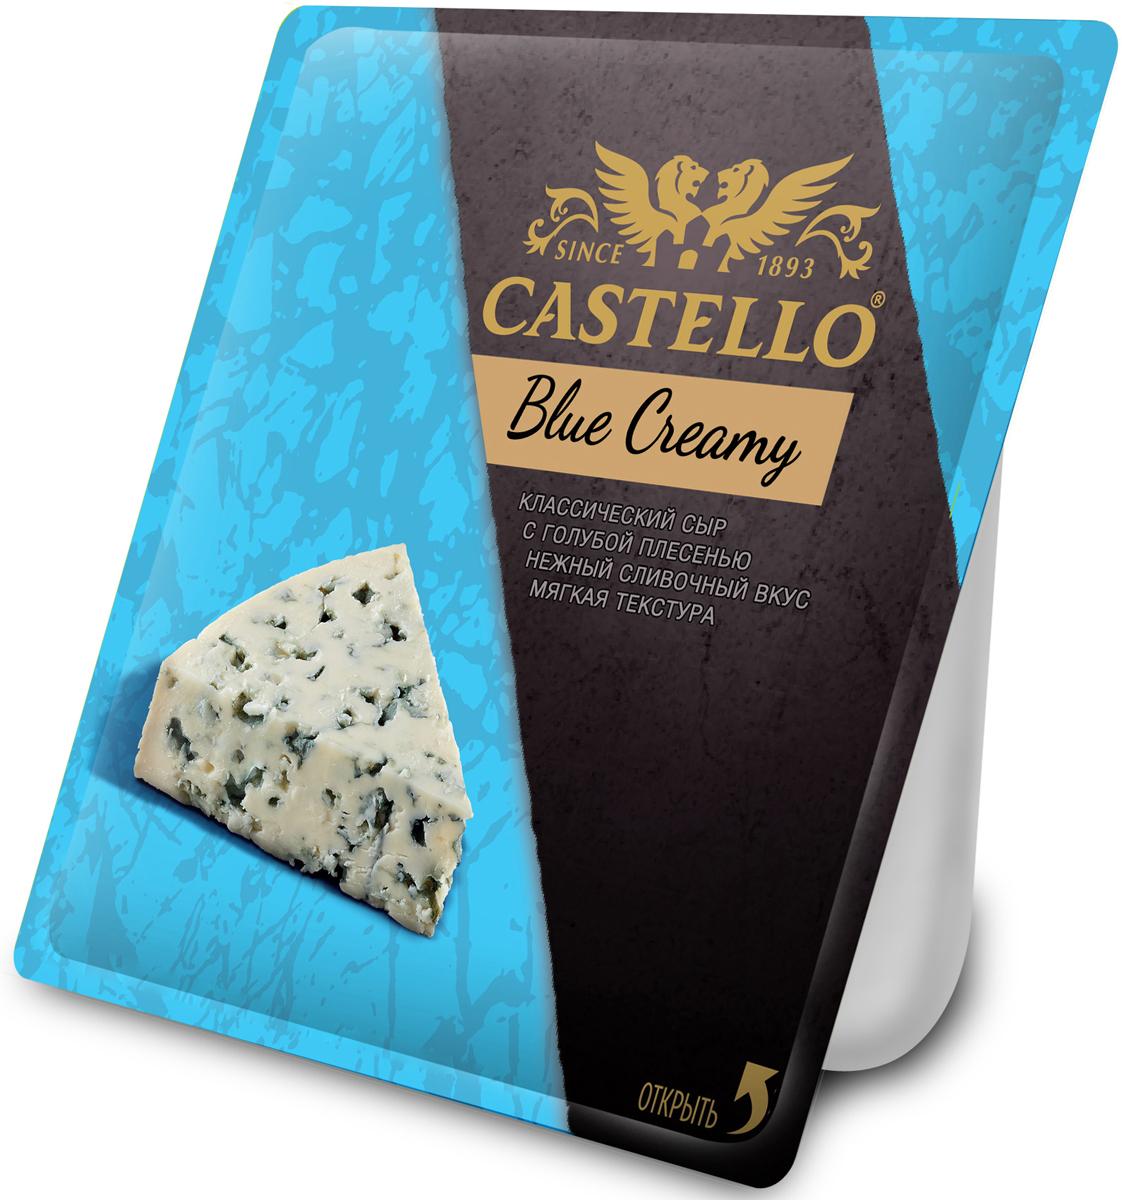 Castello Blue Creamy Сыр с голубой плесенью, 56%, 125 г67286Сыр с голубой плесенью с деликатным сливочным вкусом и нежной мягкой текстурой. Украсит Вашу сырную тарелку, а паста с ним порадует вкус гурмана. Выдержанный портвейн и сладкий рислинг составят отличную пару этому сыру.